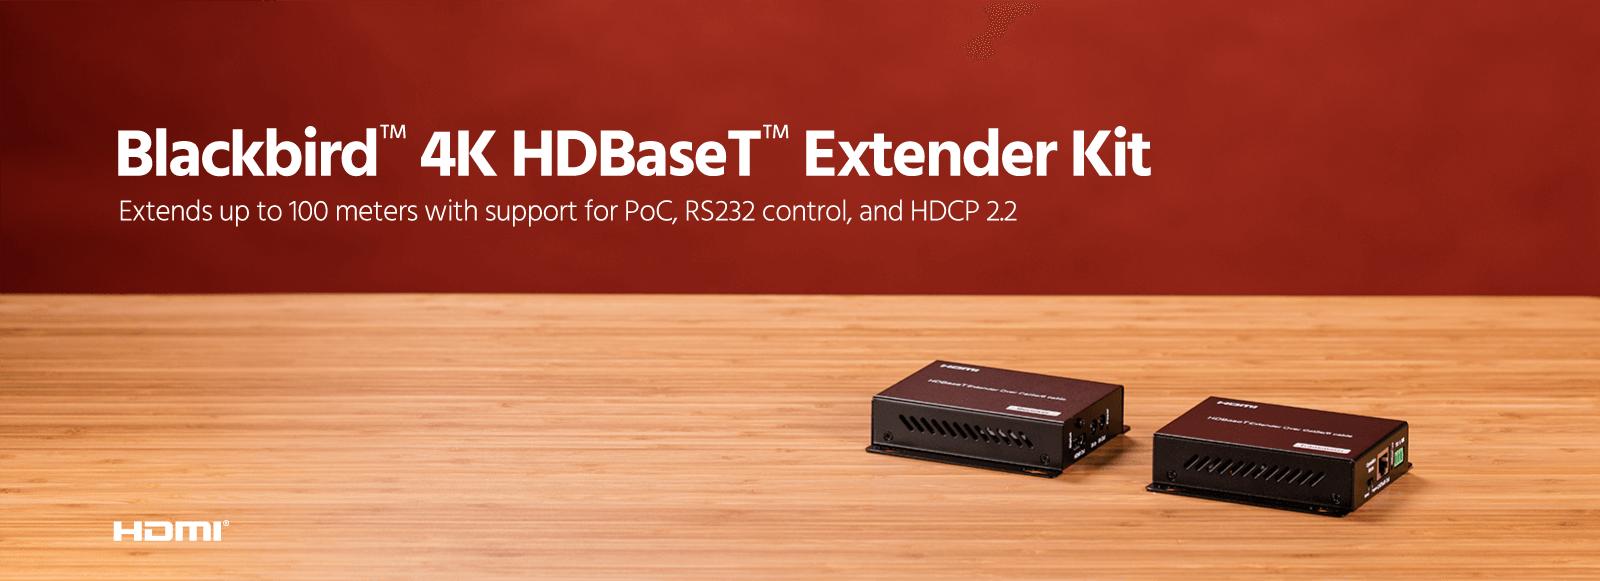 Blackbird 4K HDBaseT Extender Kit